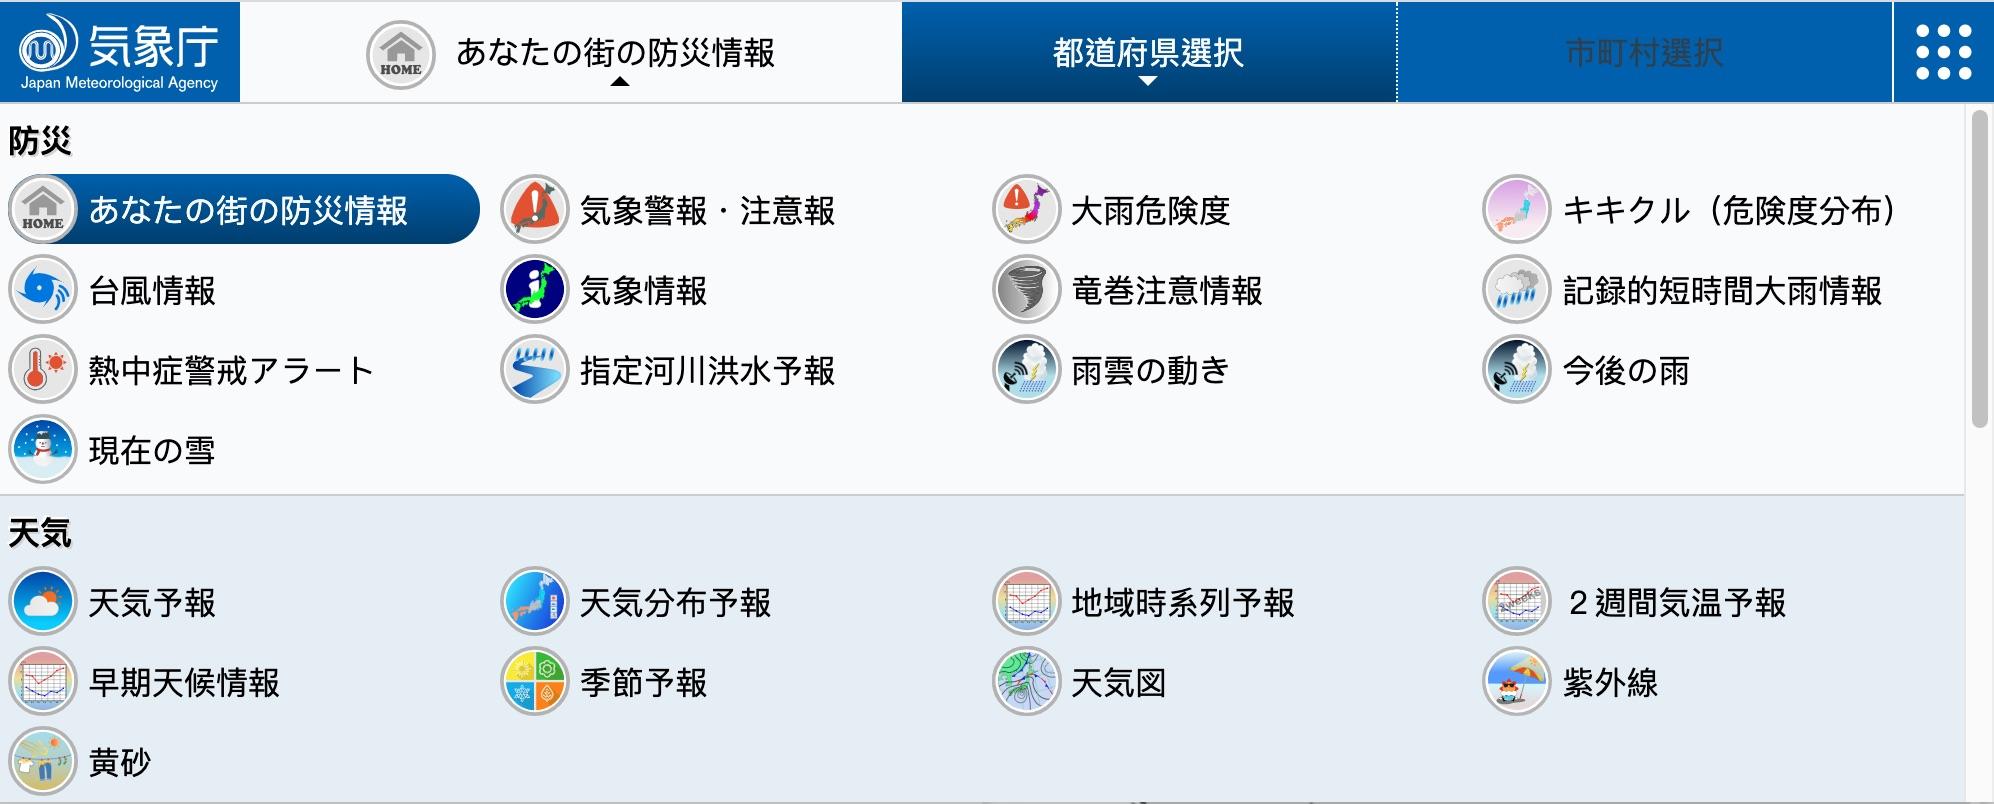 日本氣象廳防災資訊